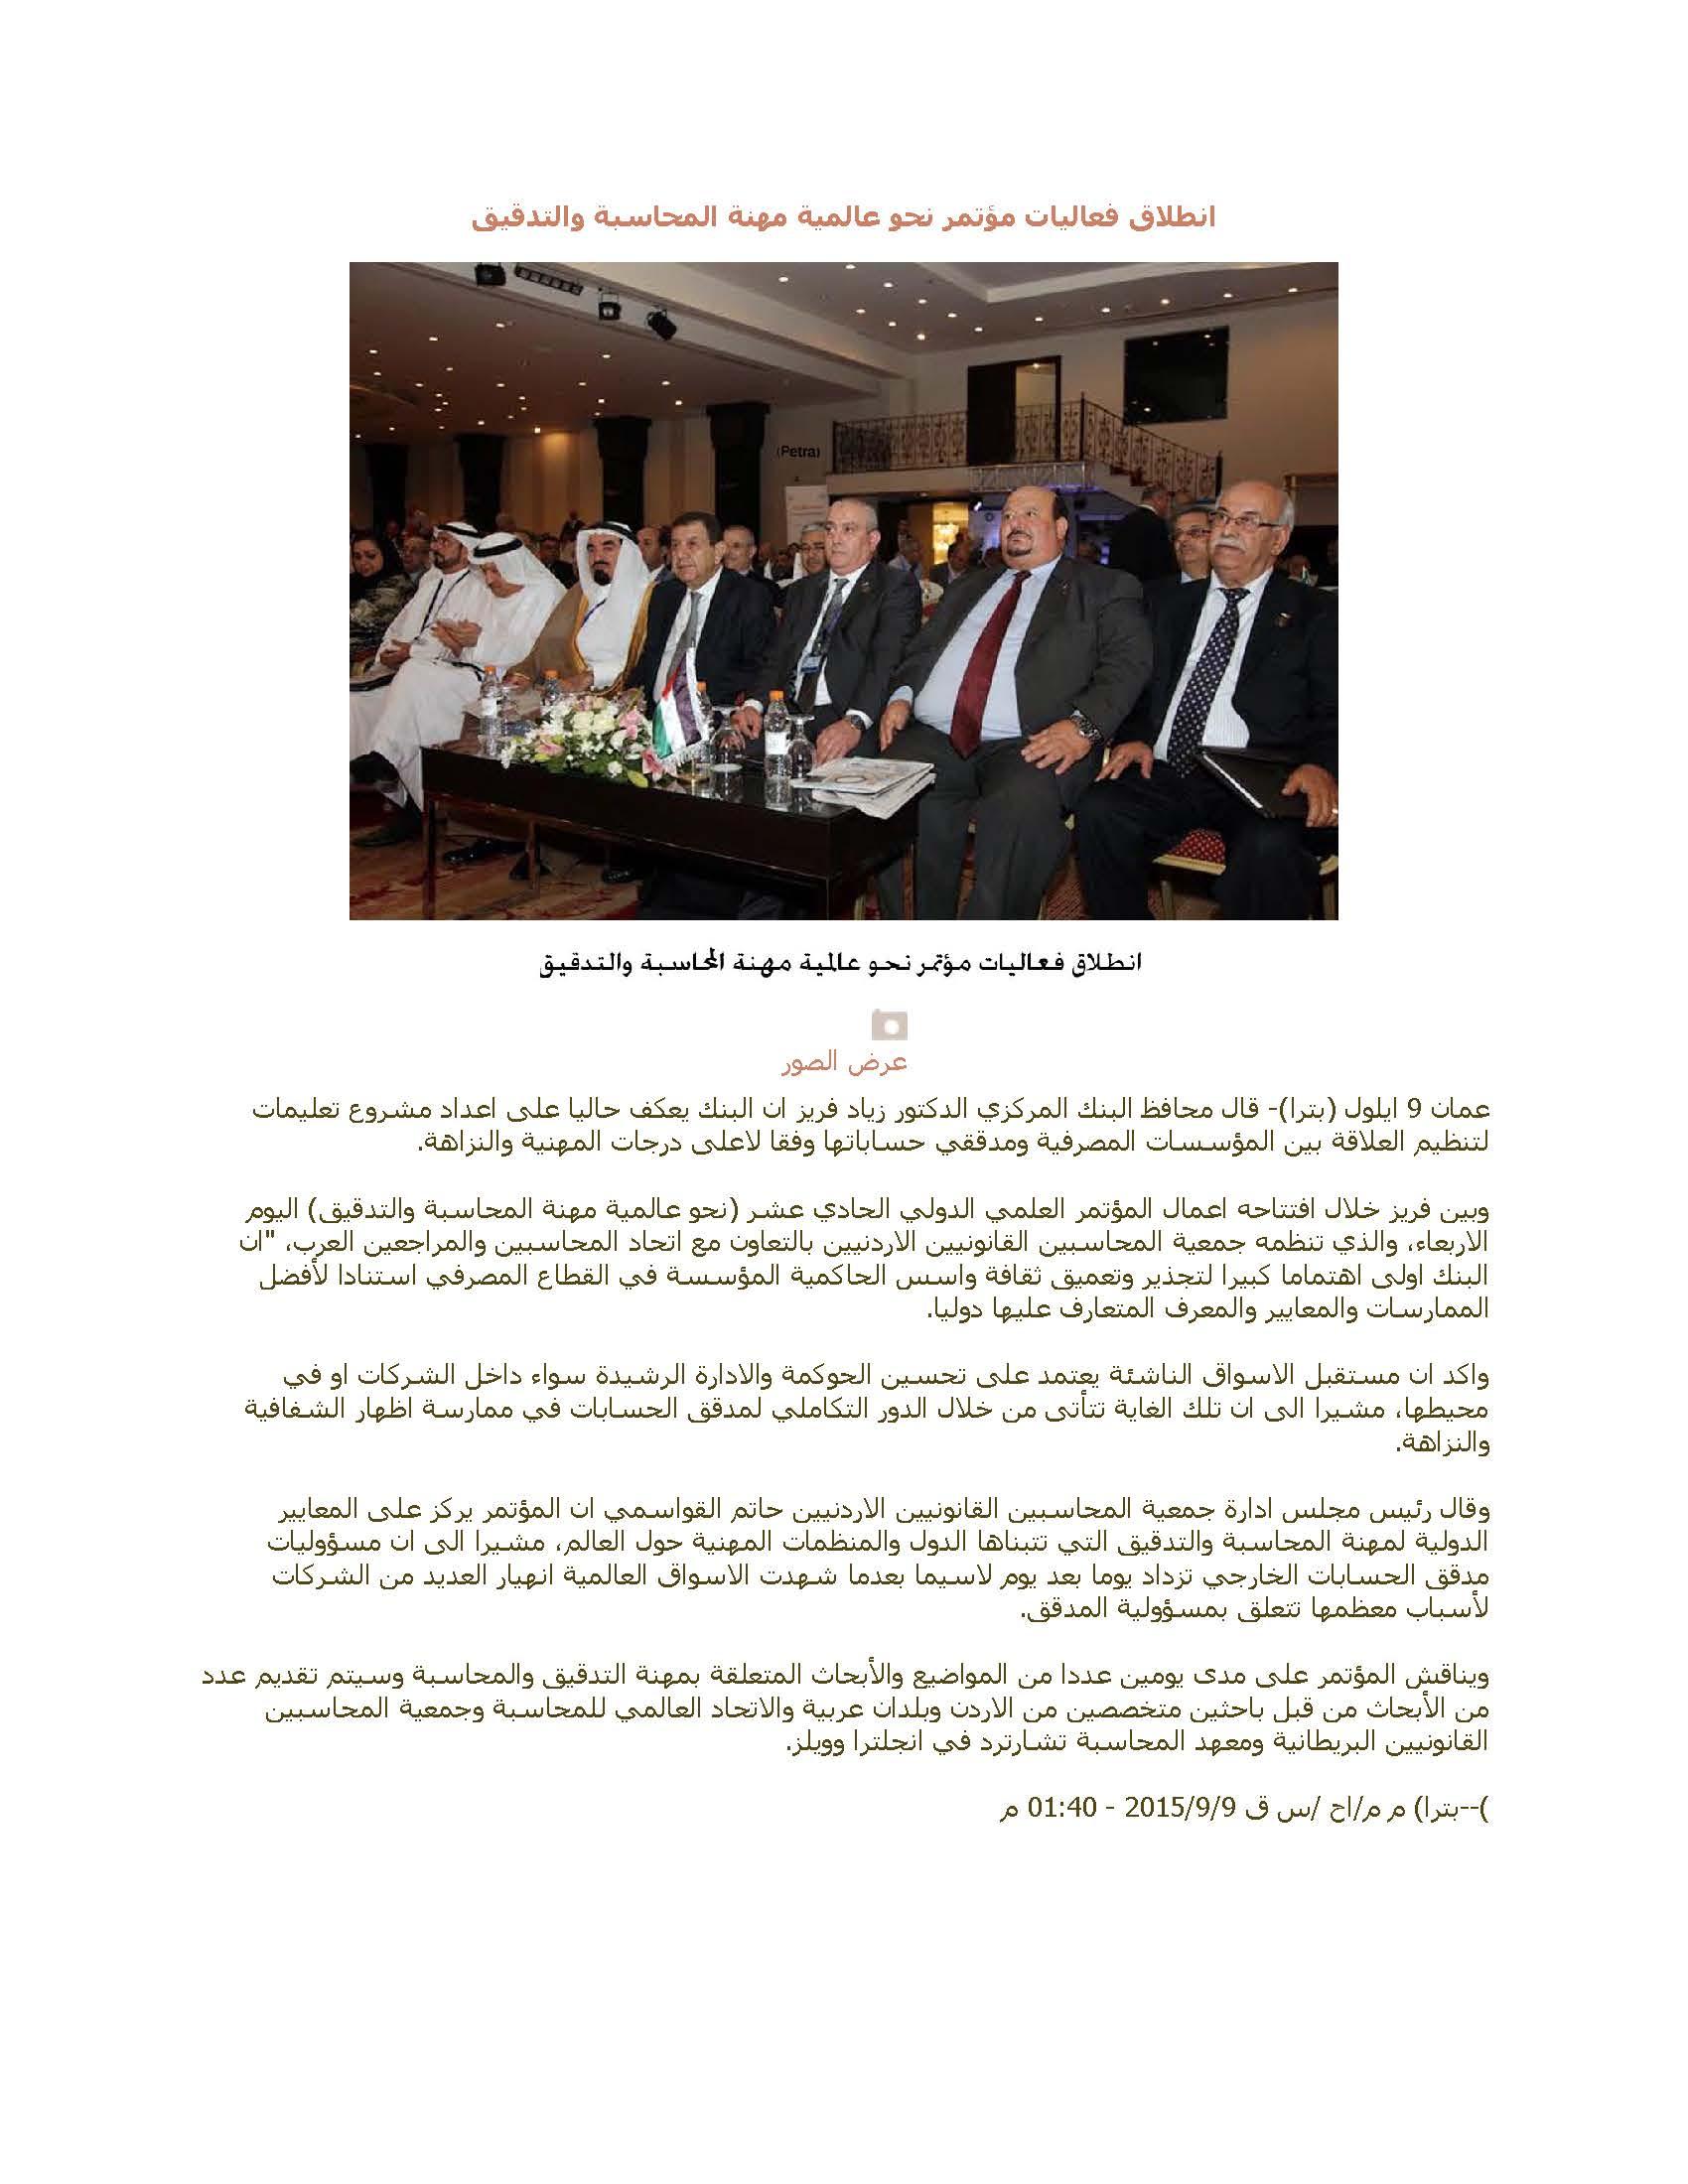 انطلاق فعاليات مؤتمر نحو عالمية مهنة المحاسبة والتدقيق